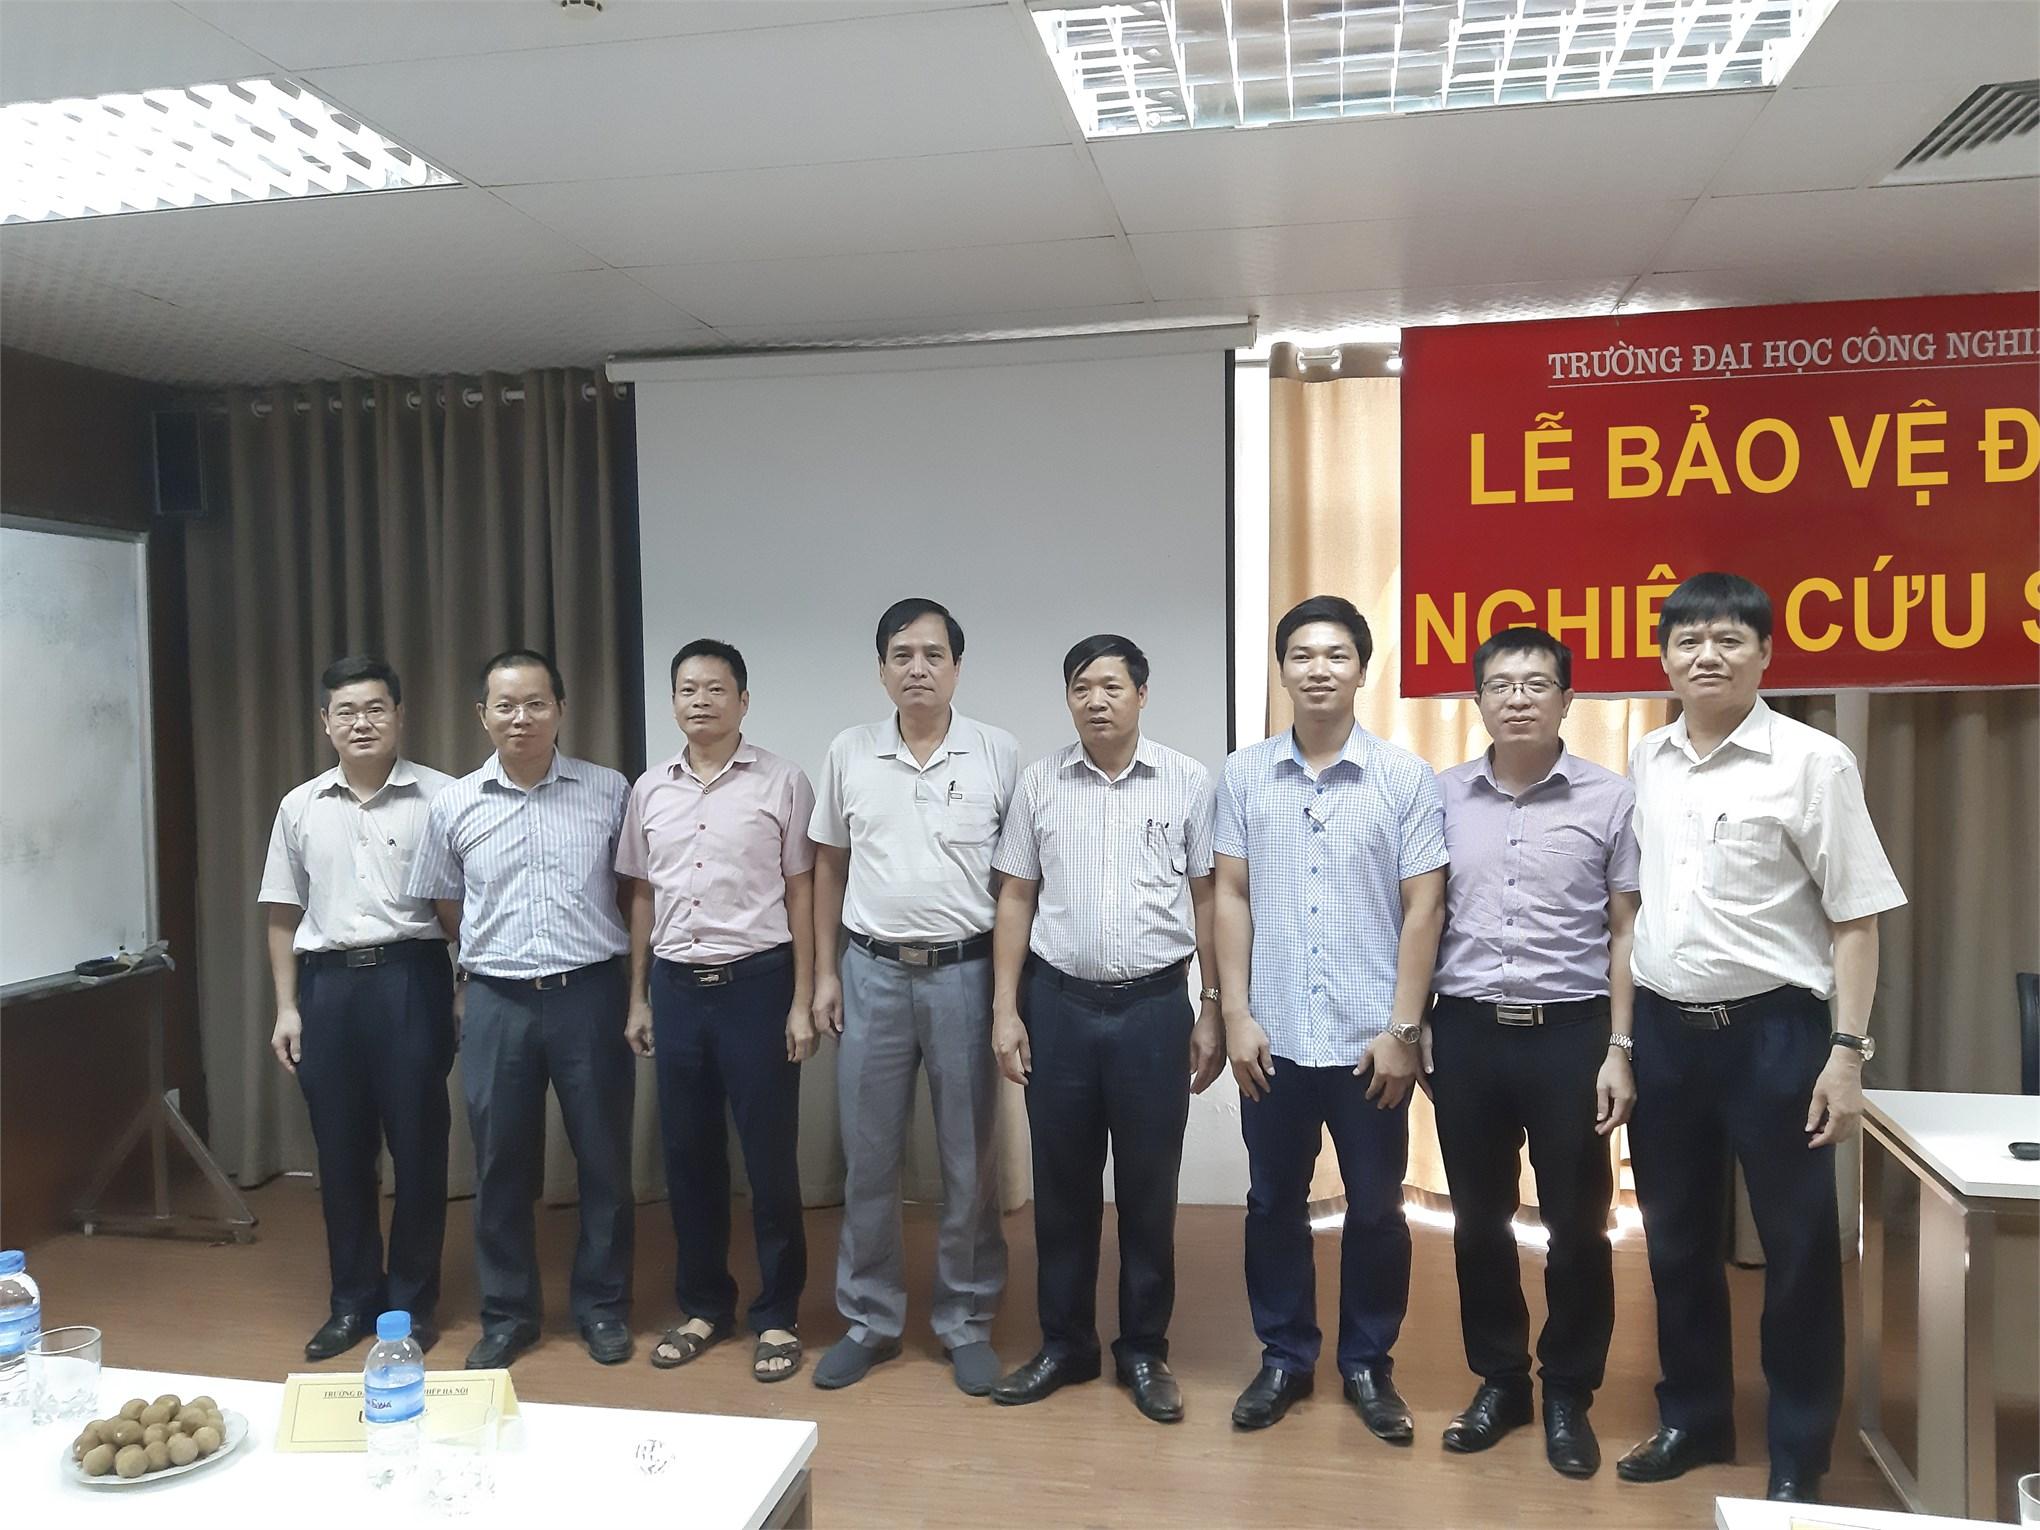 Tổ chức bảo vệ đề cương cho thí sinh dự tuyển nghiên cứu sinh đợt 1 năm 2019, chuyên ngành Kỹ thuật cơ khí.